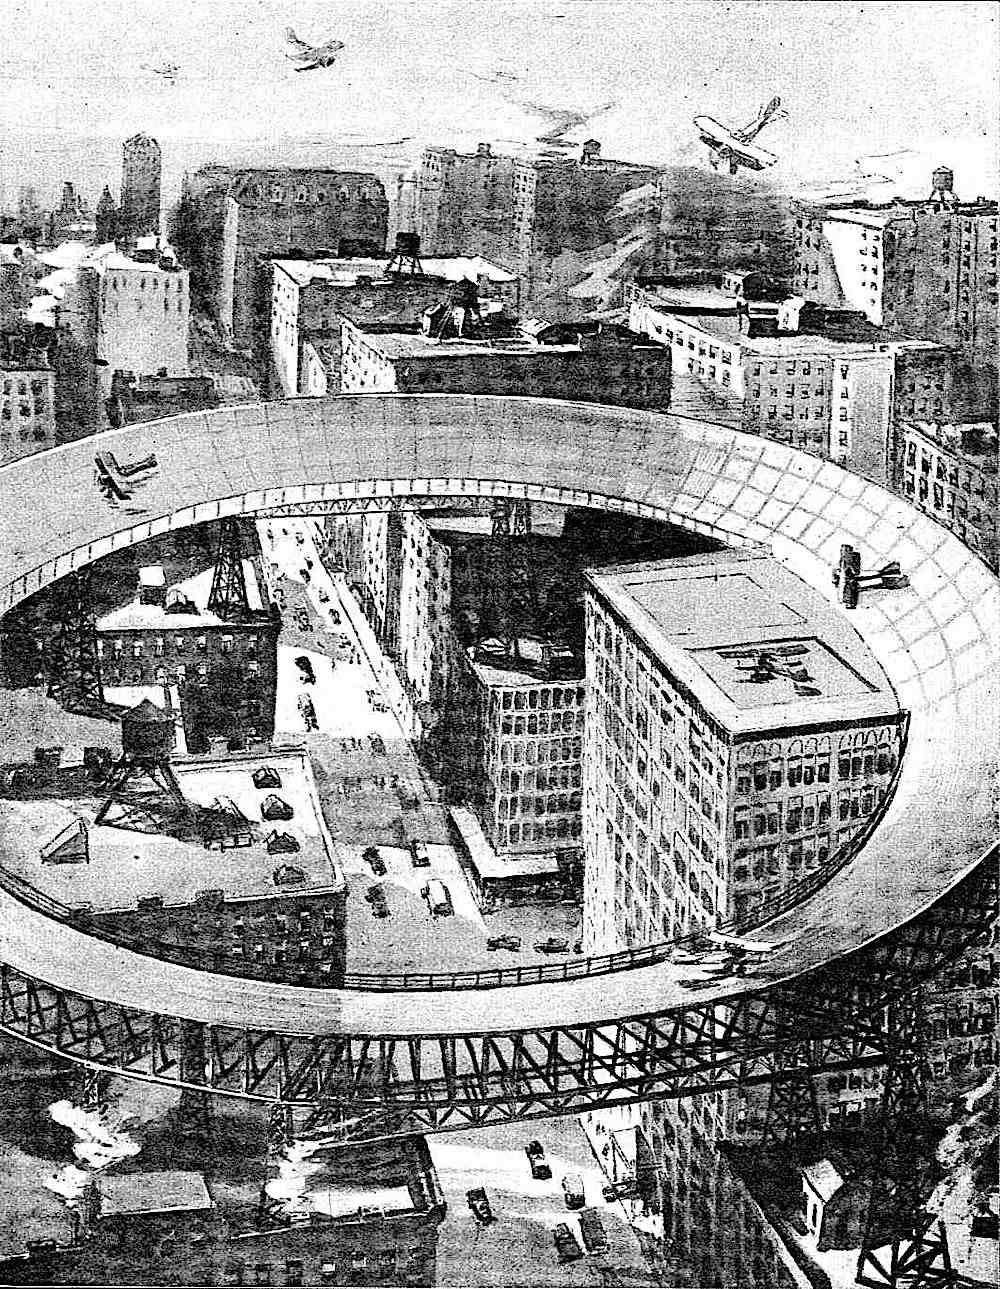 a conceptual retrofuture urban airport illustration, 1920s?